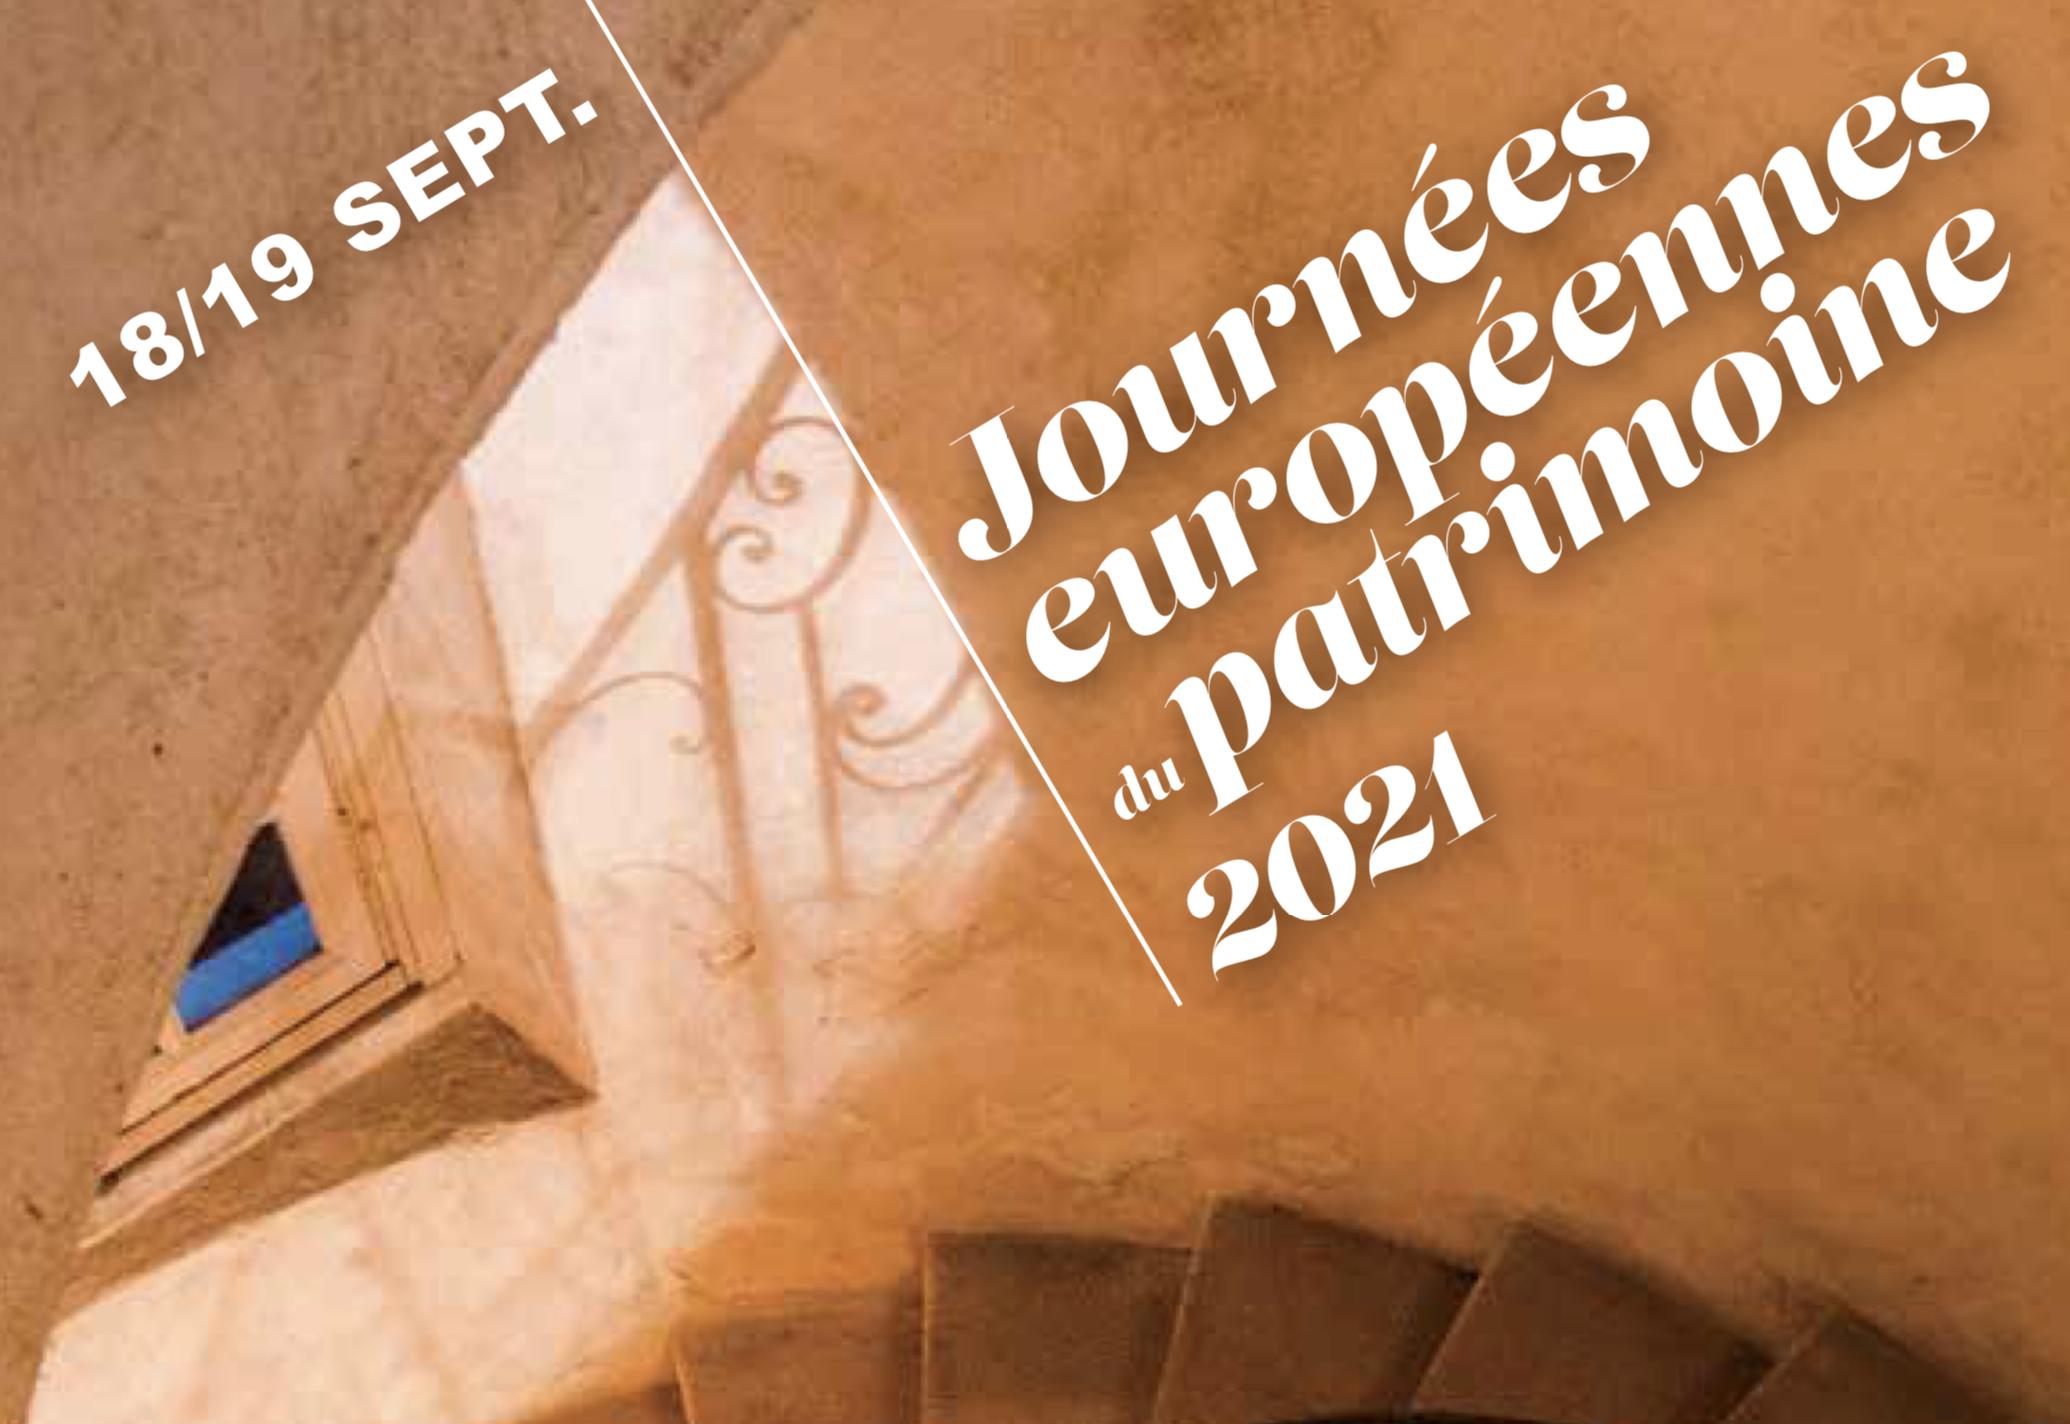 Journées Européennes du Patrimoine 2021 à Mâcon : le programme